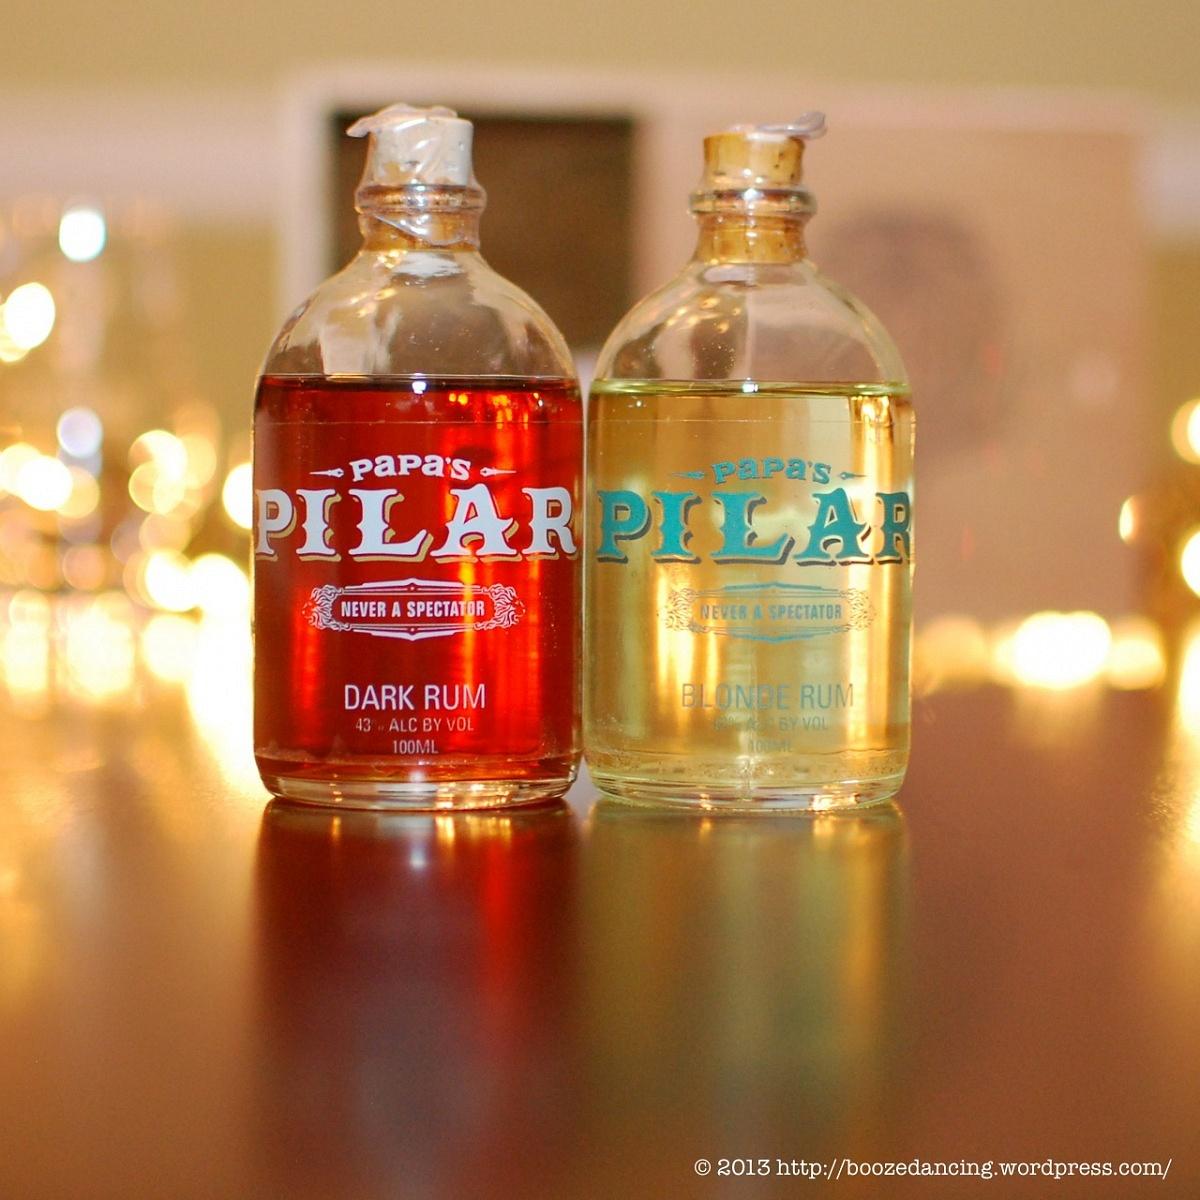 Papa's Pilar Rums